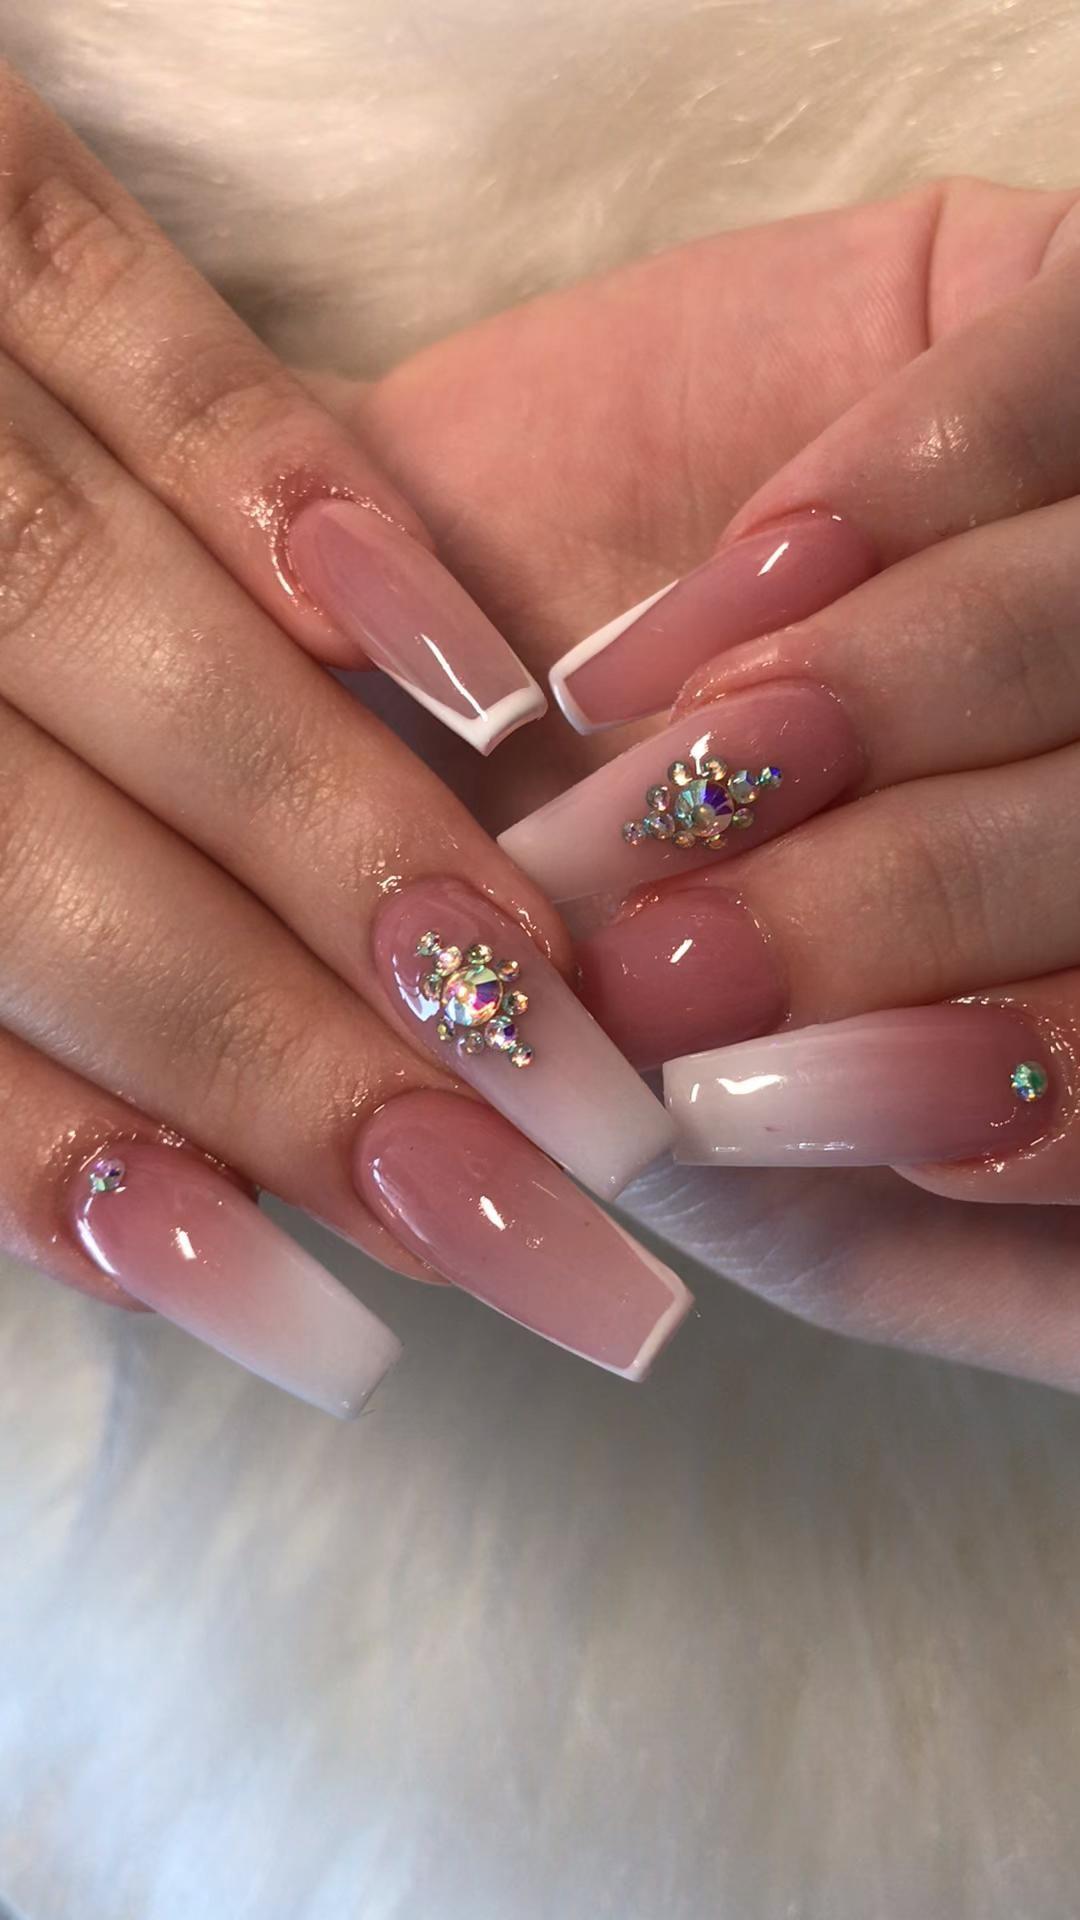 Nails 34210